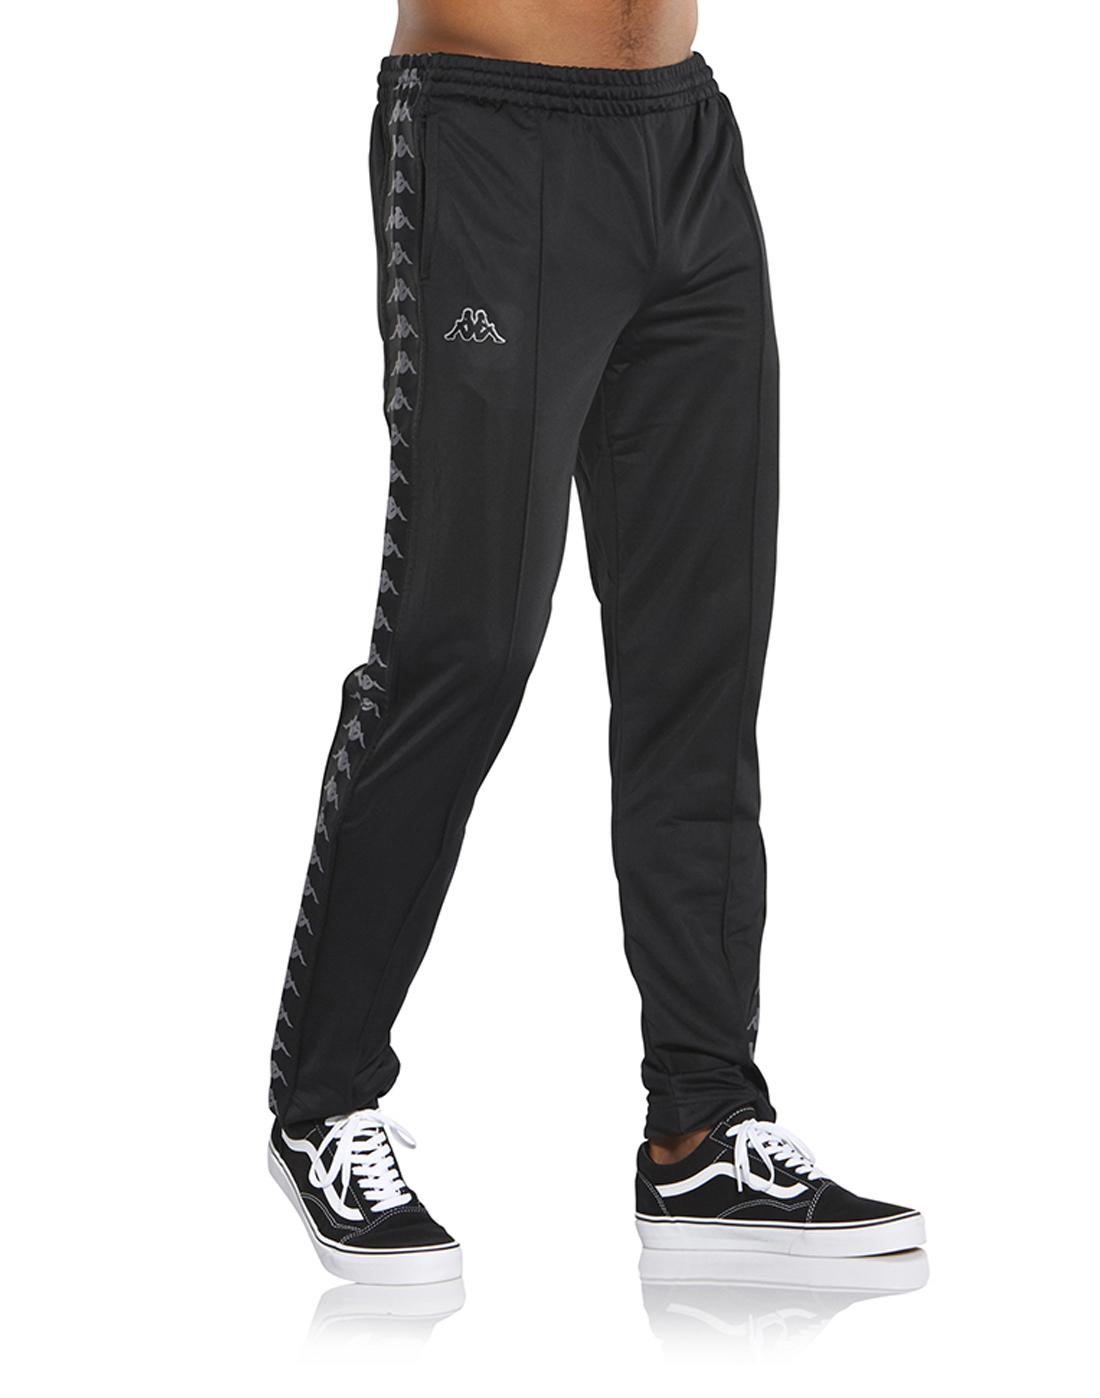 b66f127ddb0 Men's Black Kappa Track Pants | Life Style Sports